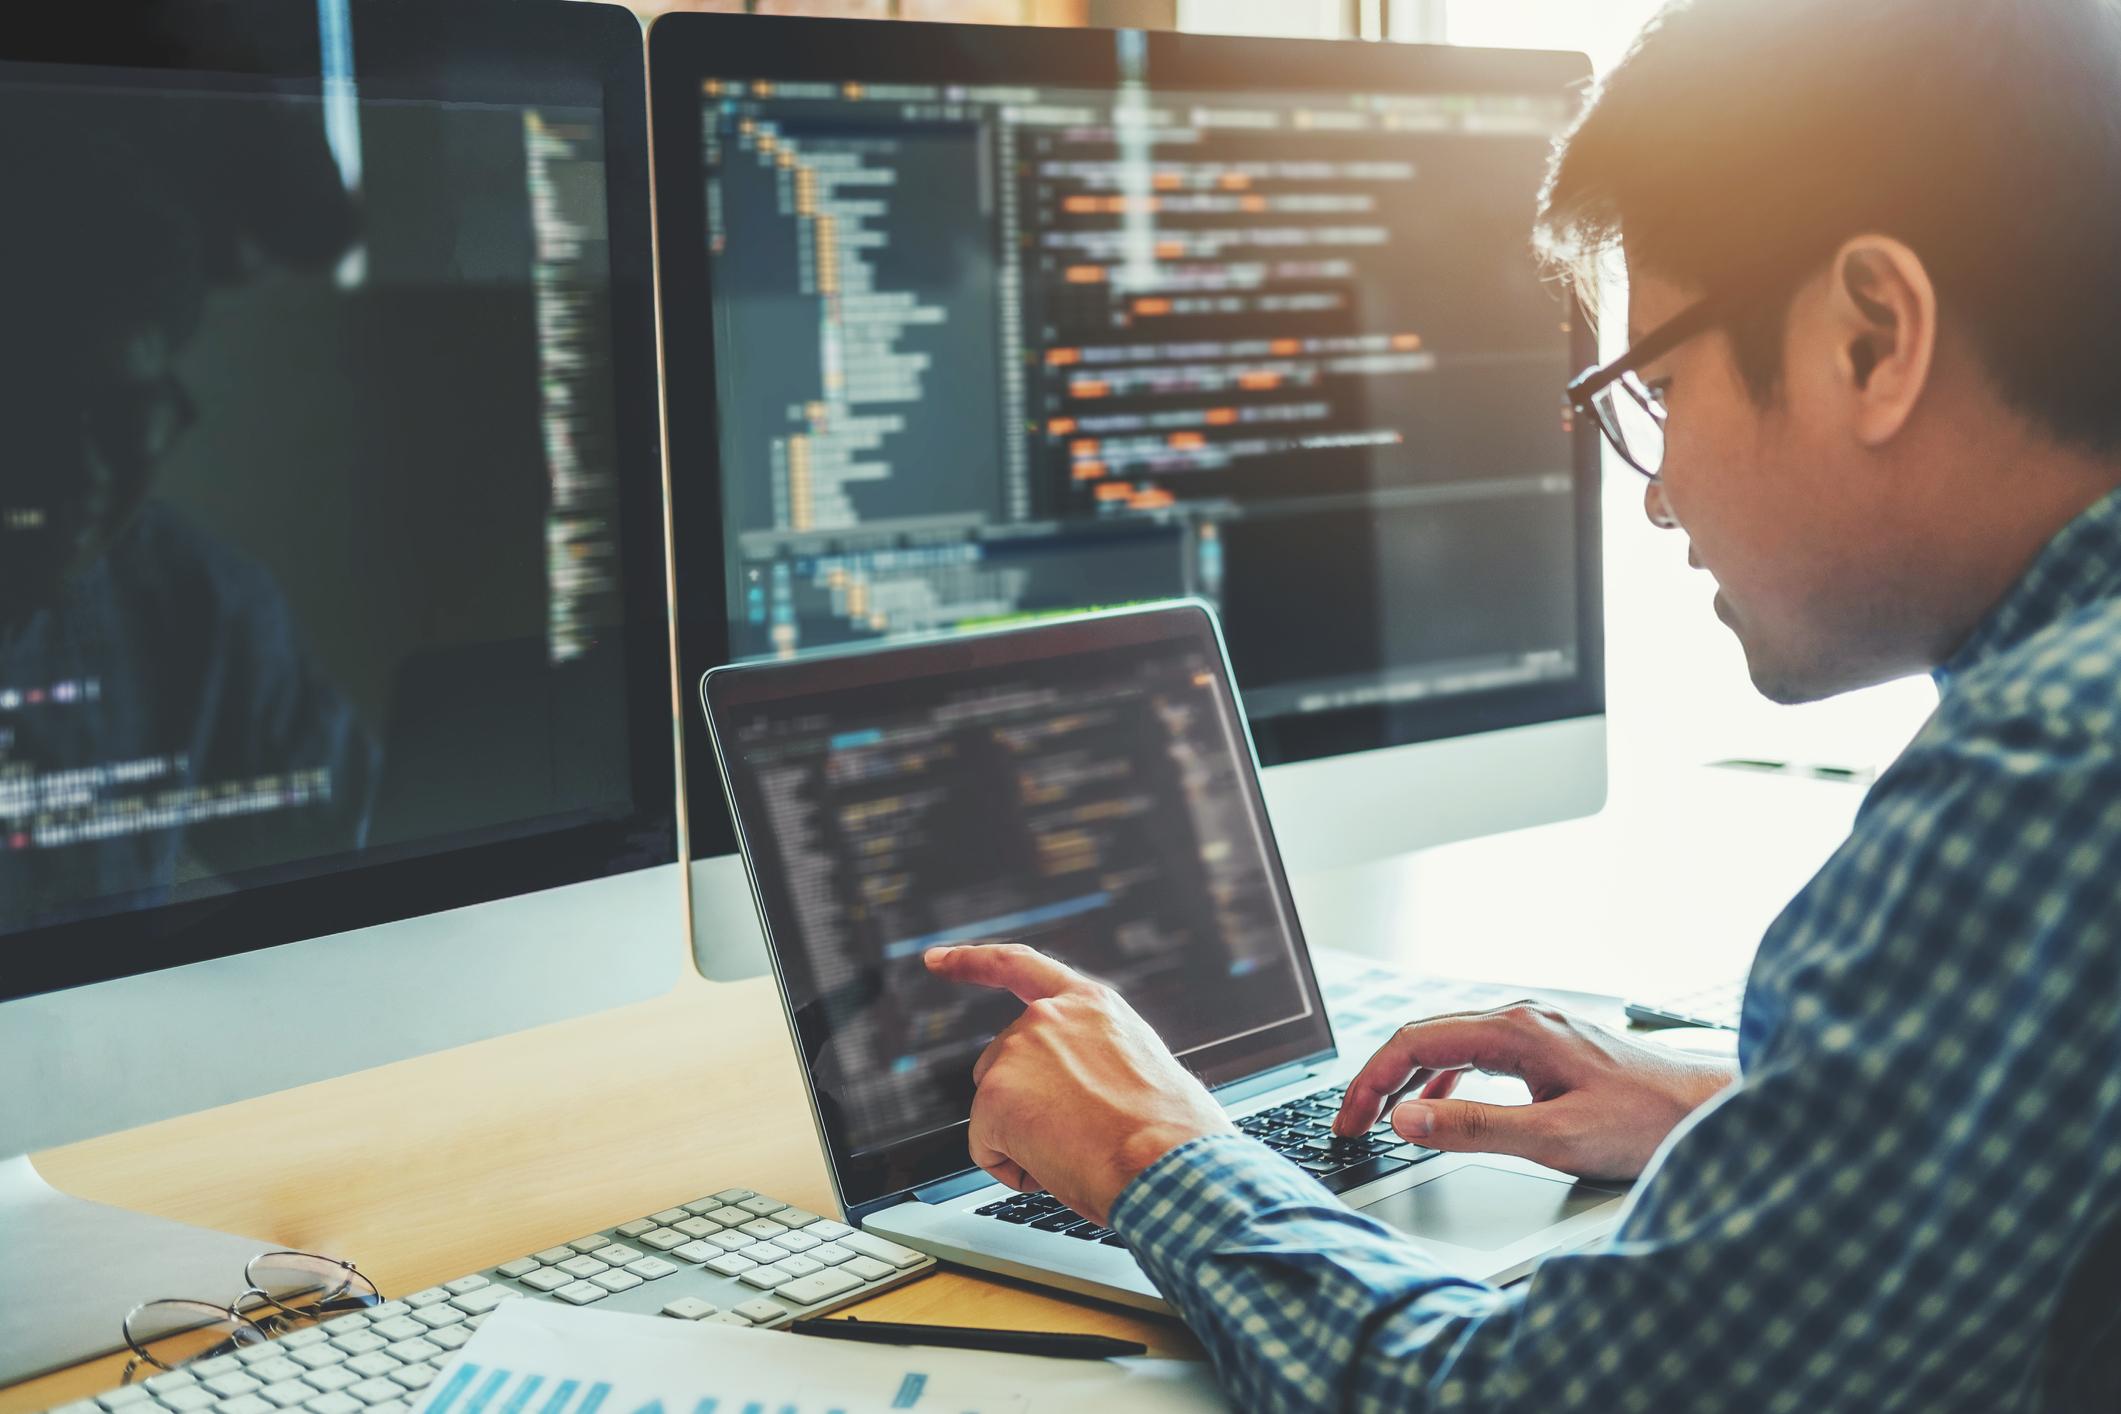 【サーバーエンジニア募集】拡大期を迎える、独立系IT企業の経験者採用